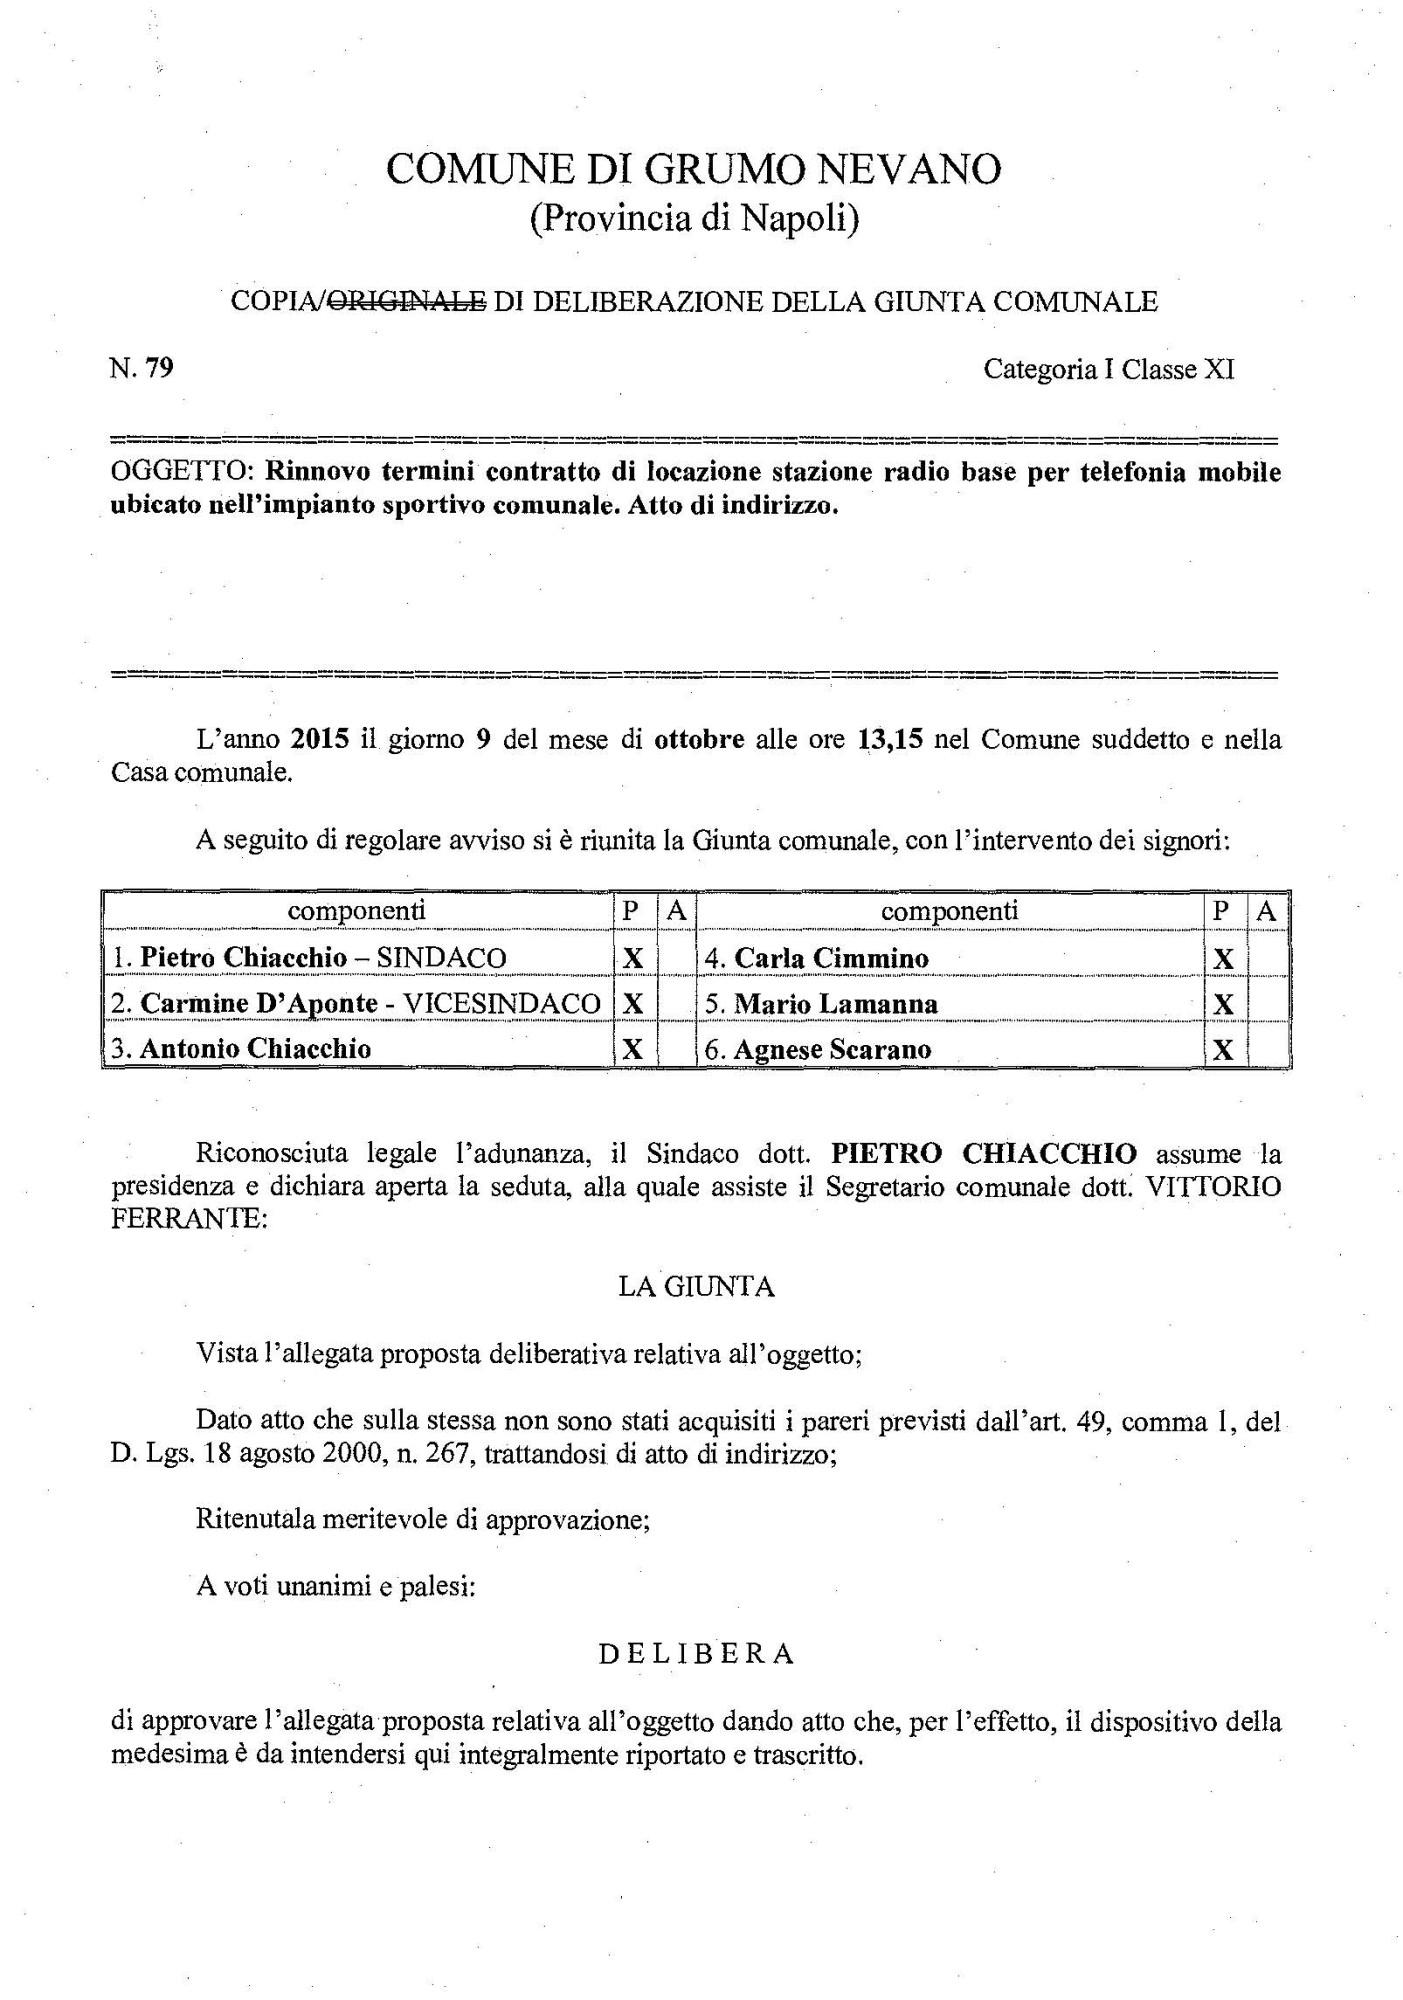 Contratto_wind_Pagina_1